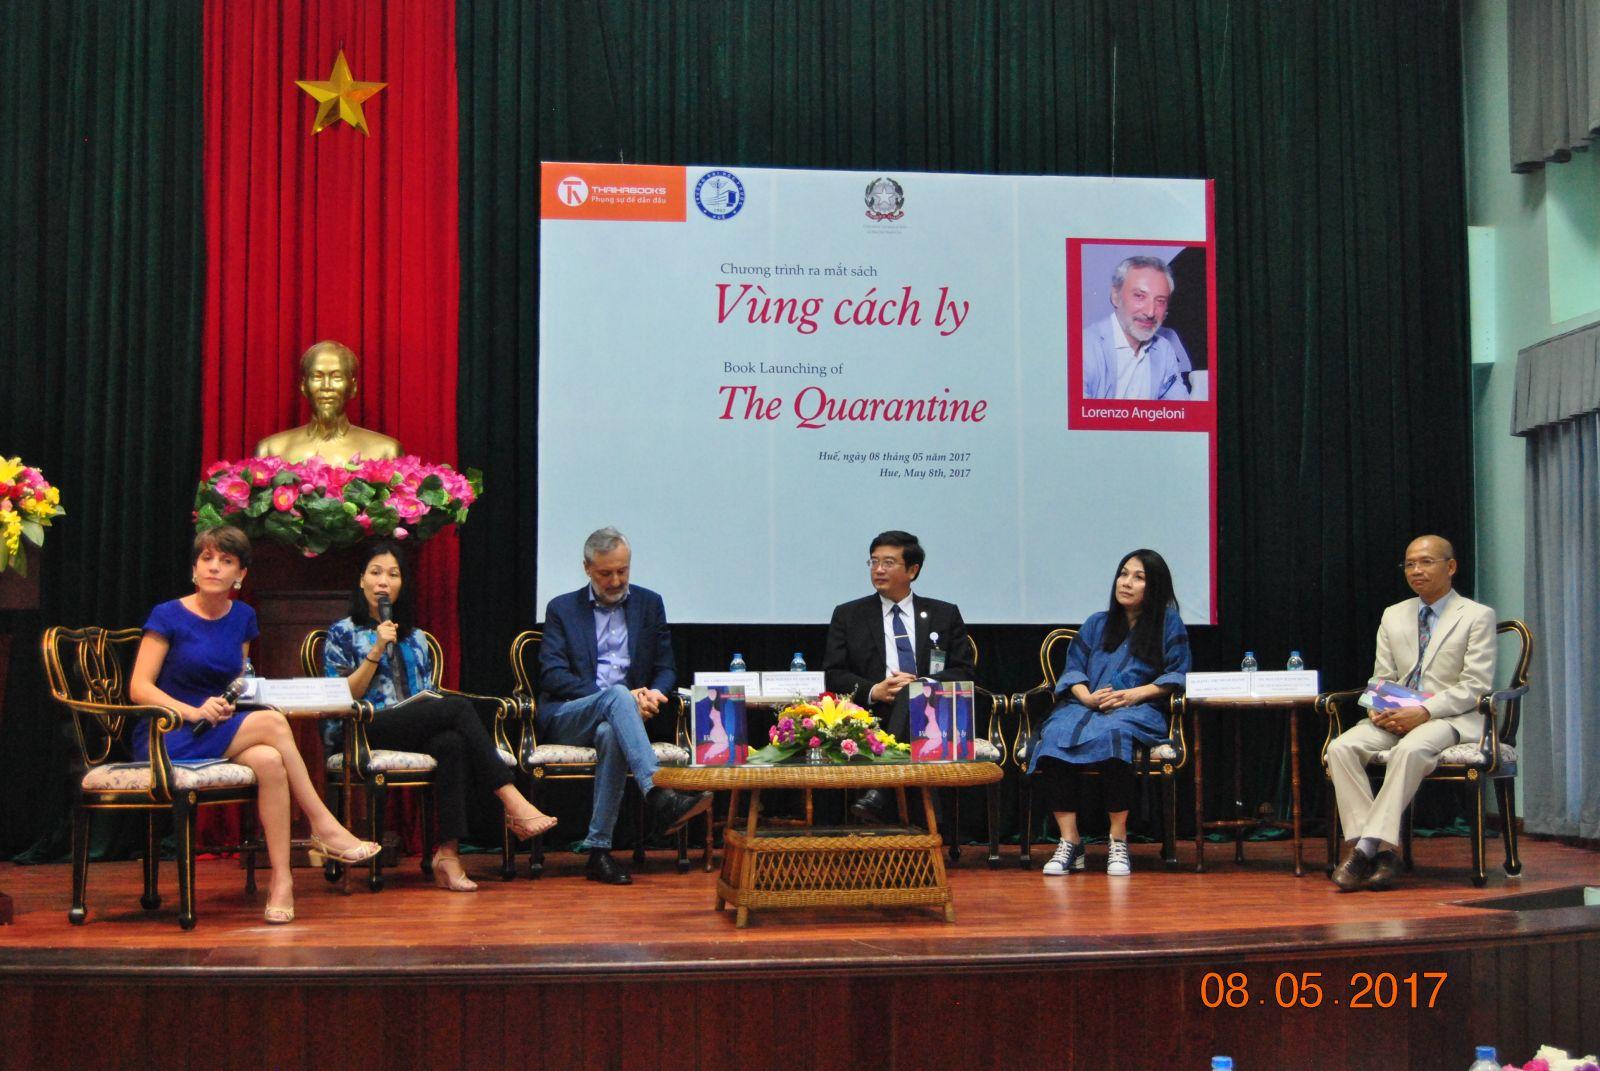 """Giới thiệu sách """"Vùng cách ly"""" của Nguyên đại sứ quán Ý tại Việt Nam"""